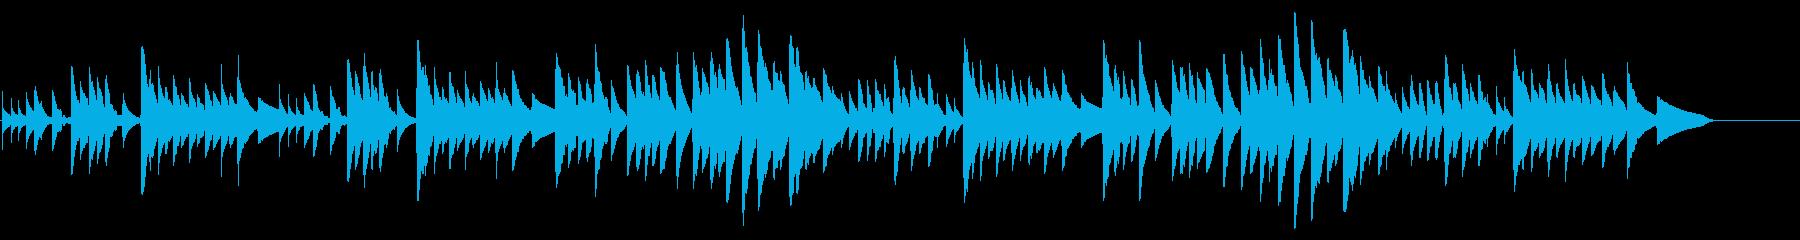 キラキラ星変奏曲(Var Ⅷ)オルゴールの再生済みの波形